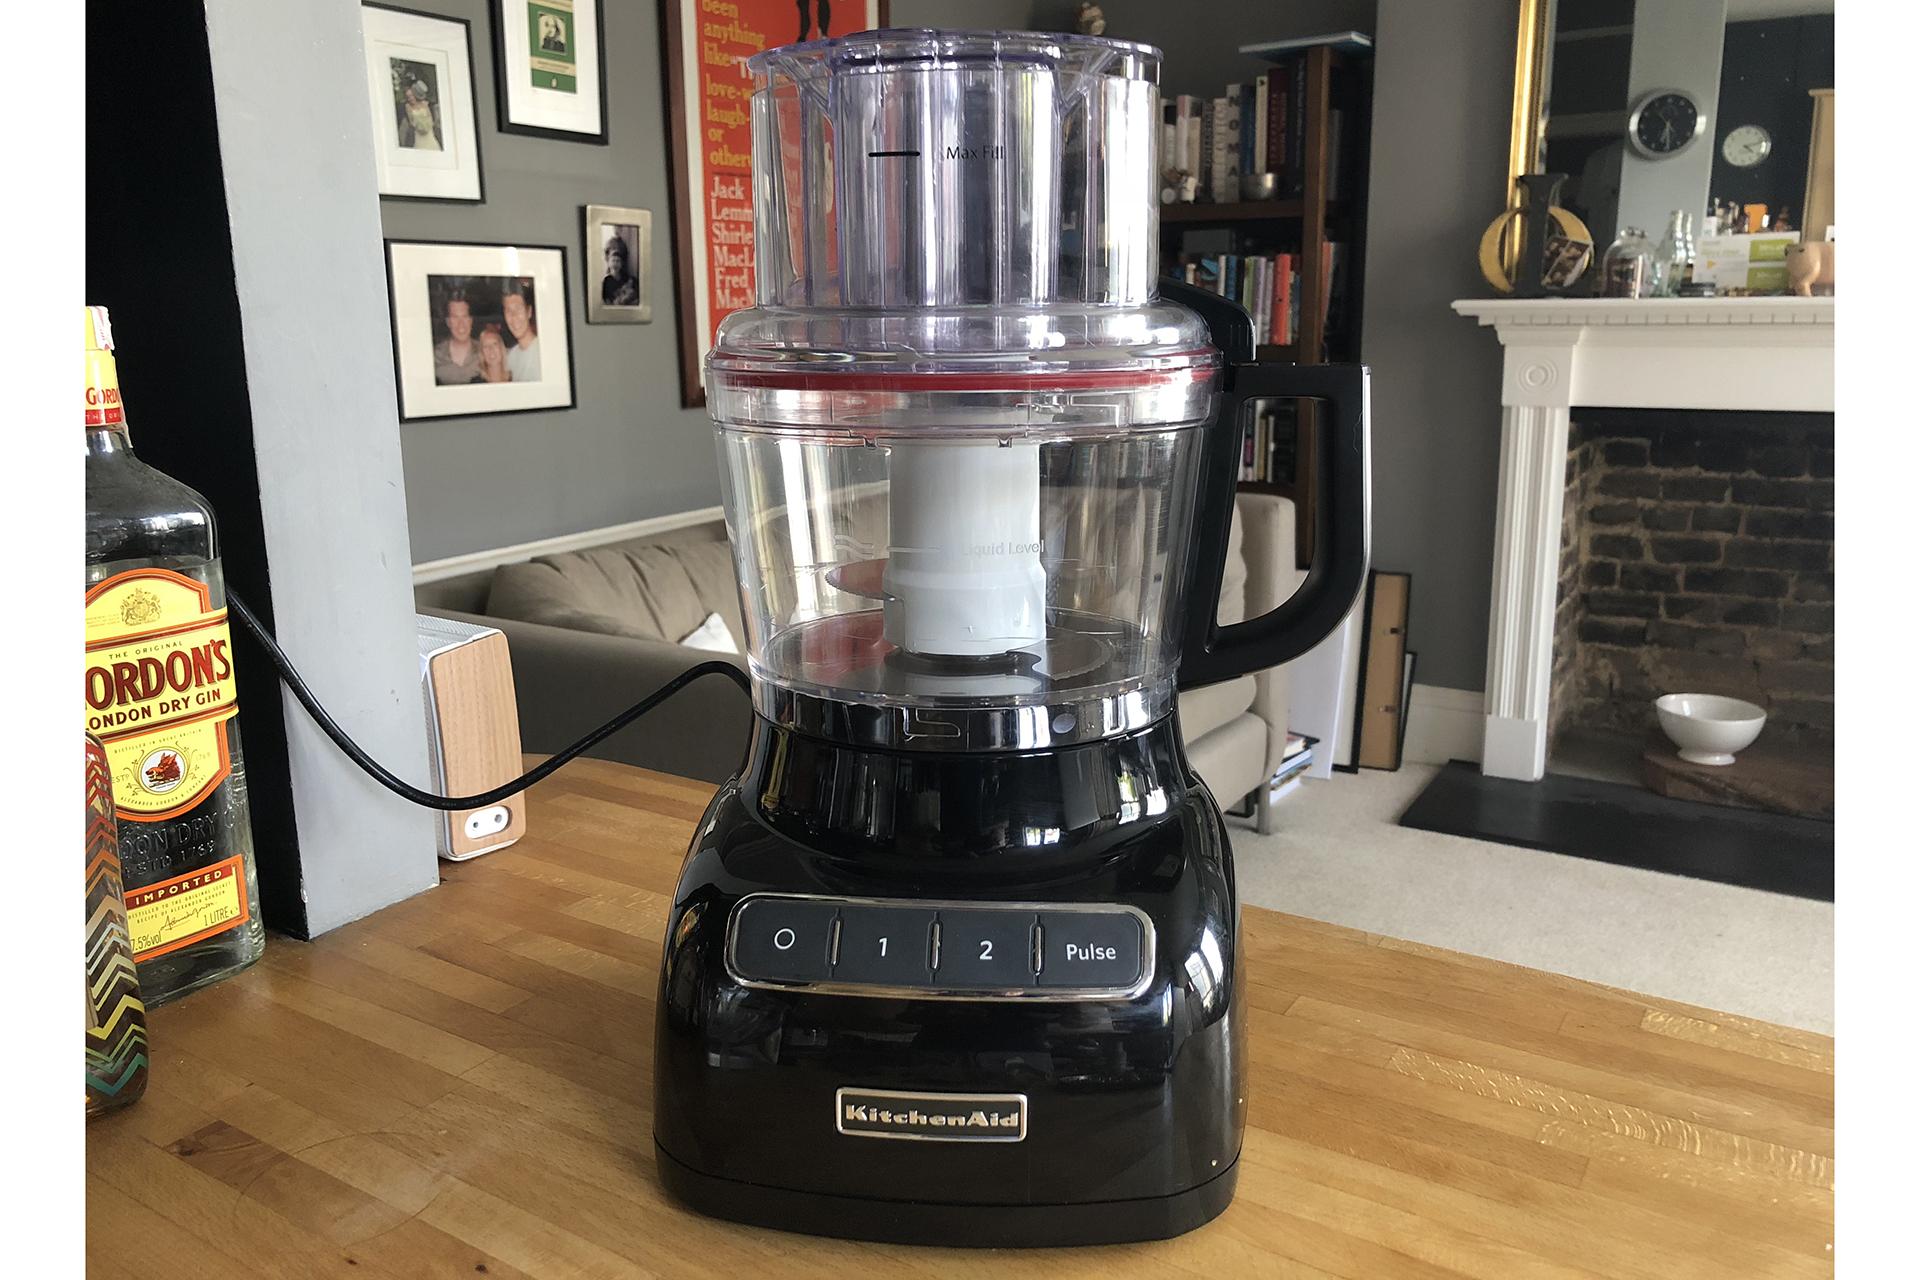 KitchenAid Classic 2.1L héros du robot culinaire